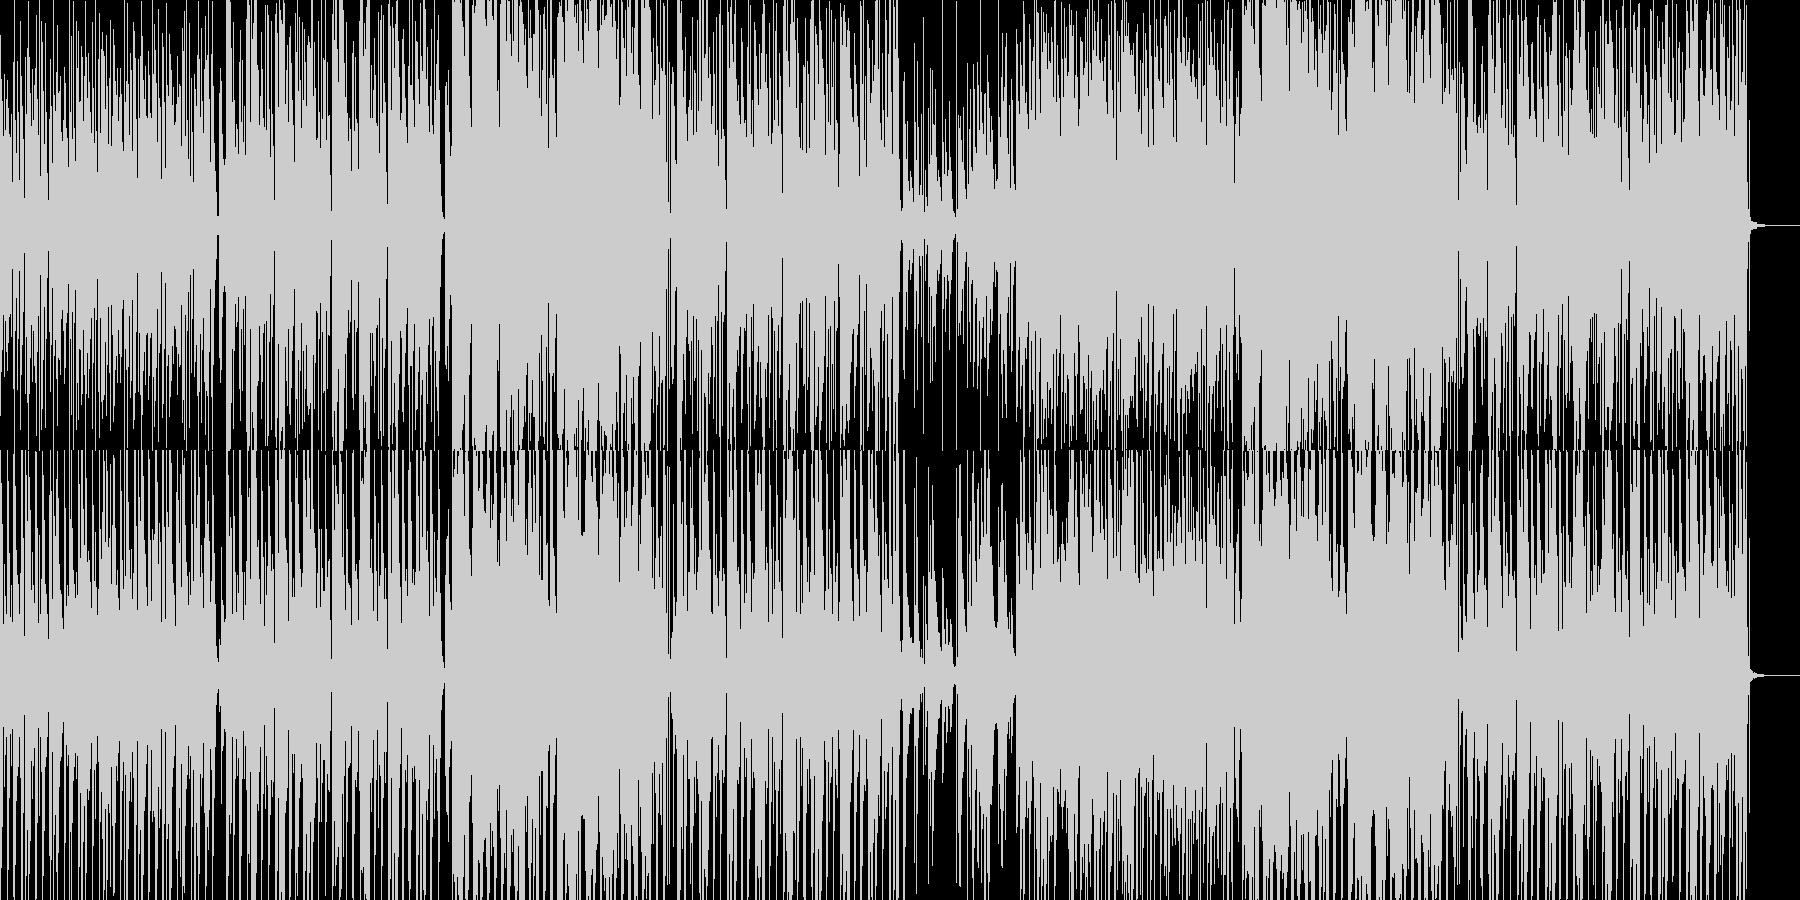 ピアノとエレキとほのぼのとした笛の音の未再生の波形